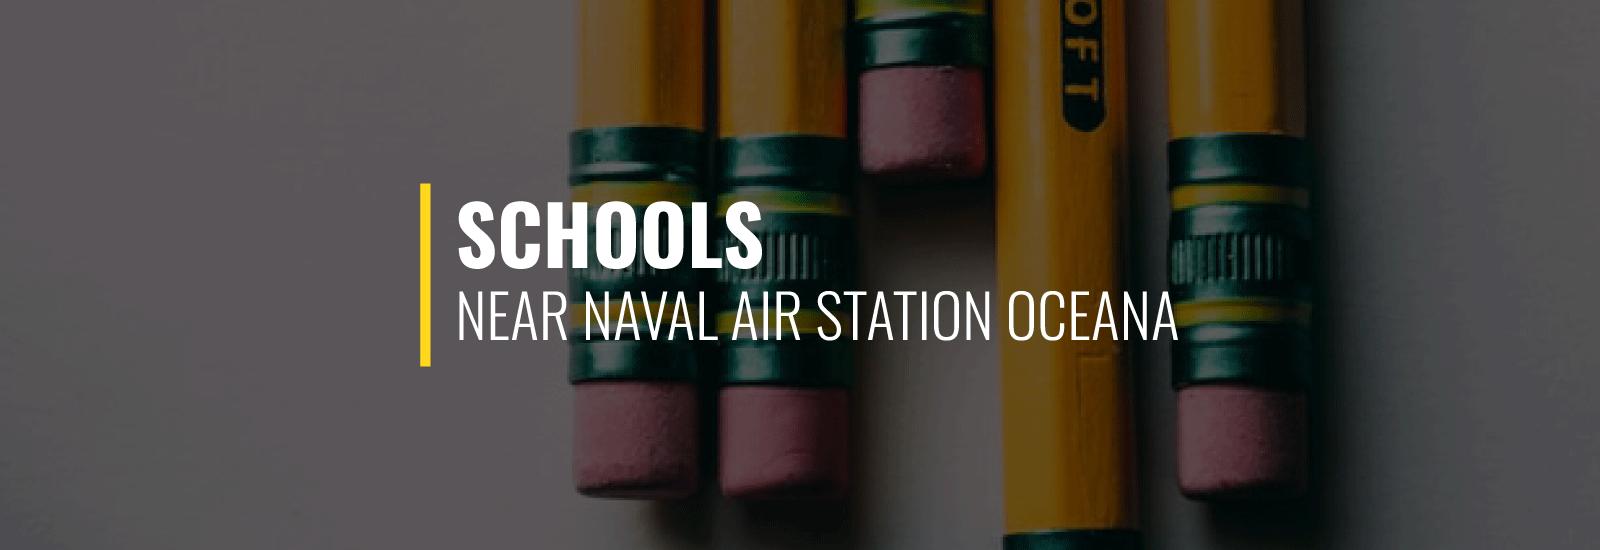 NAS Oceana Schools